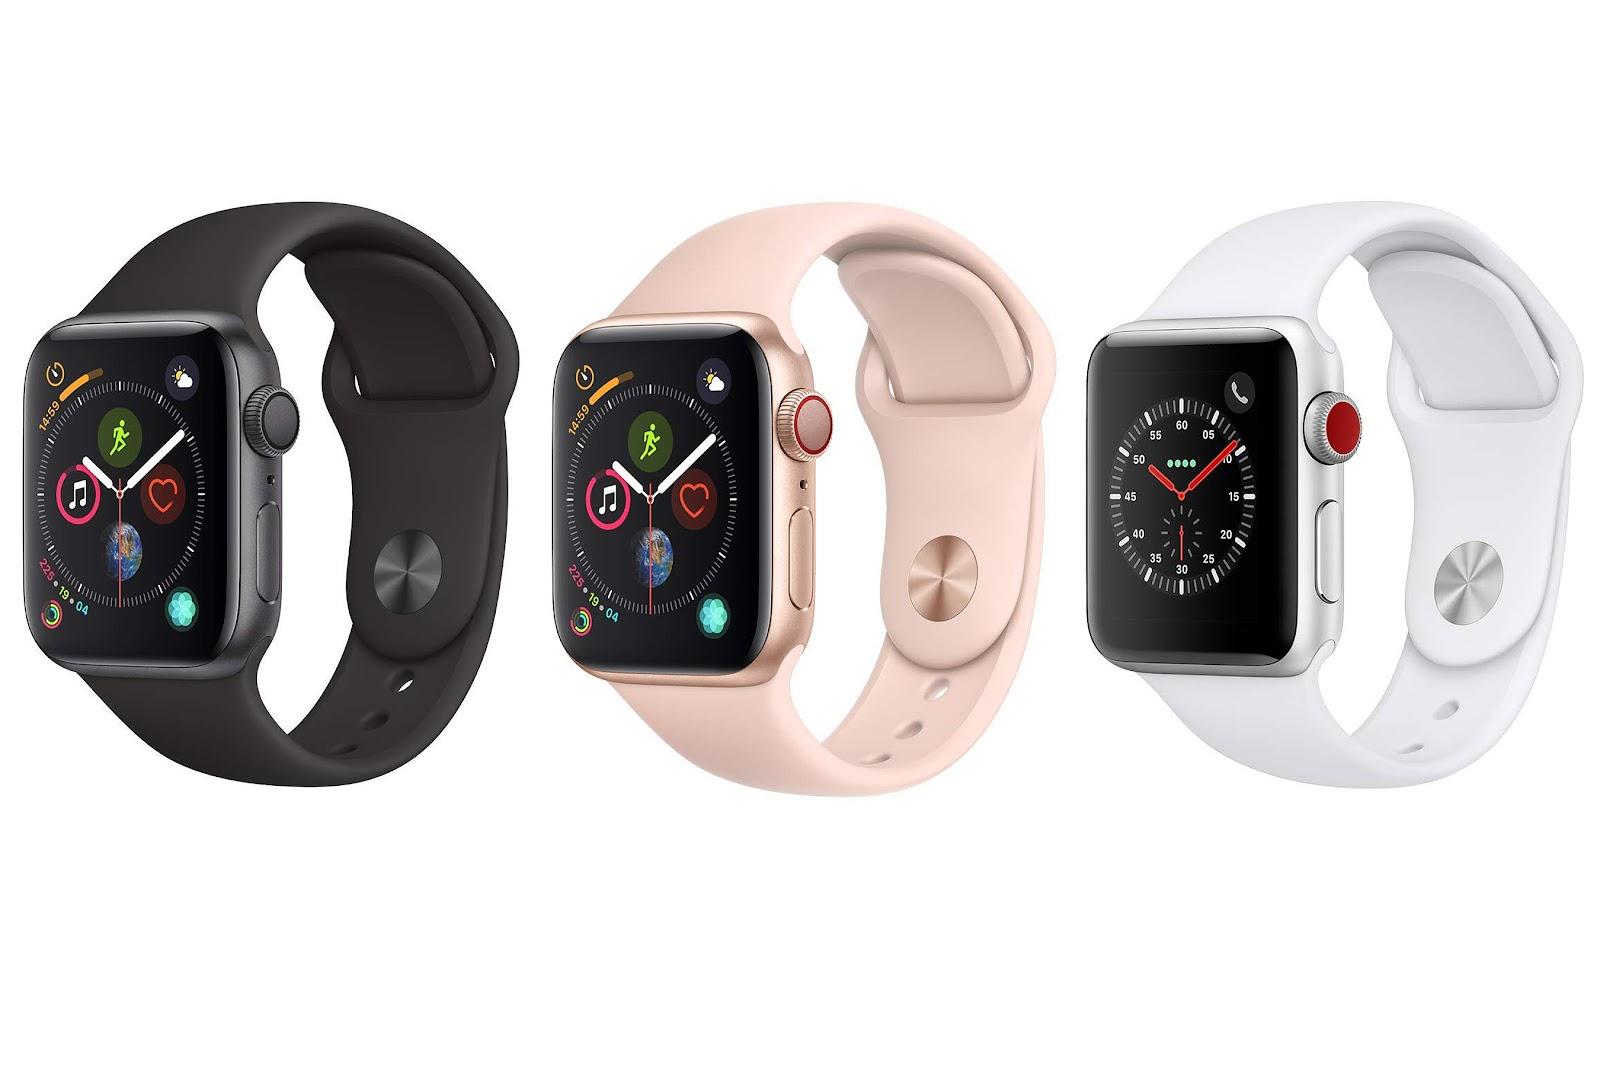 Thay mặt kính Apple Watch Series 3 Uy tín - Chất lượng